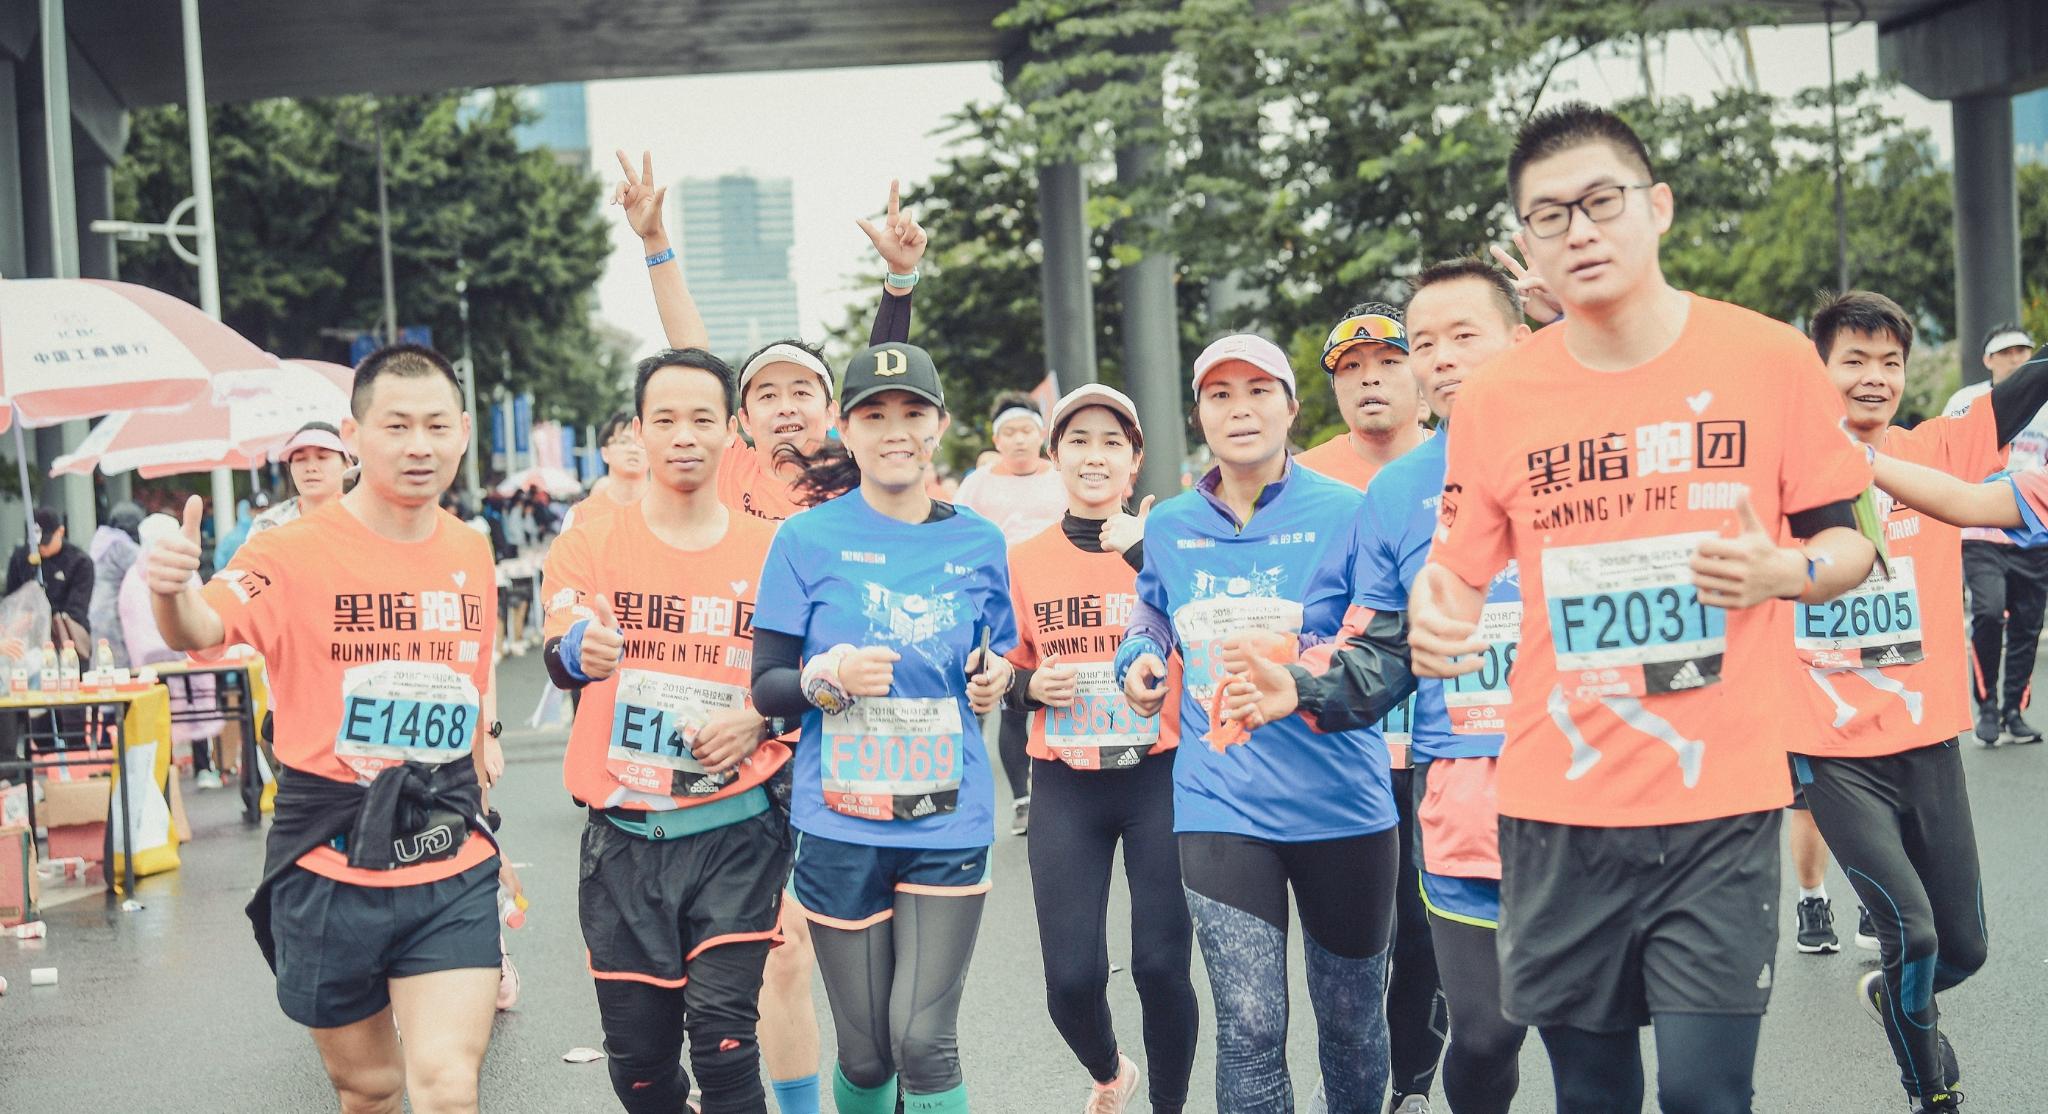 一场马拉松,遇见你遇见广州的日与夜